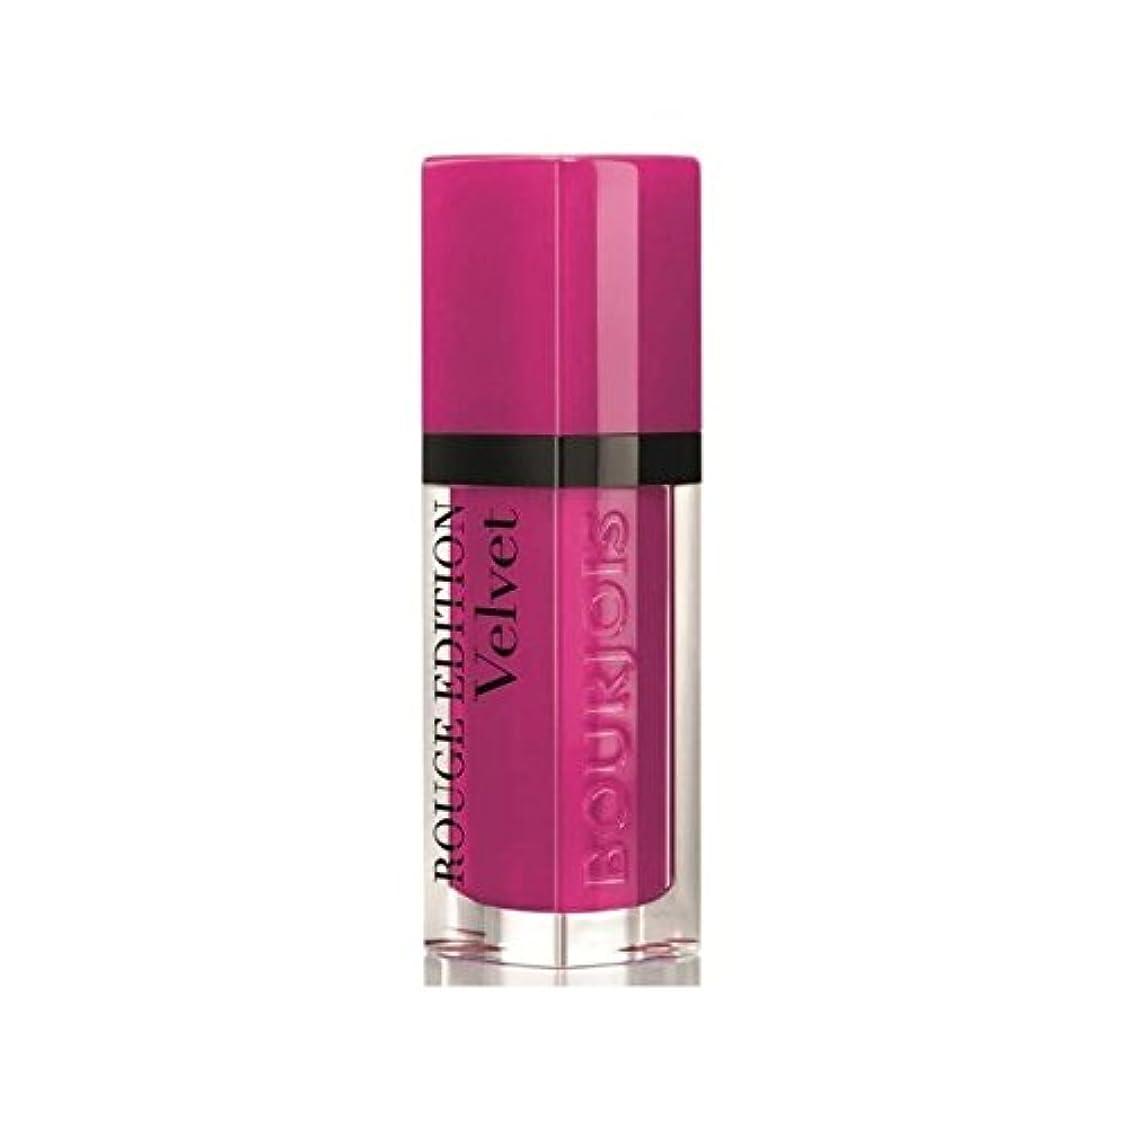 シャータービン一緒にBourjois Rouge Edition Velvet lipstick Pink Pong 6 - ブルジョワルージュ版ベルベットの口紅ピンクピンポン6 [並行輸入品]